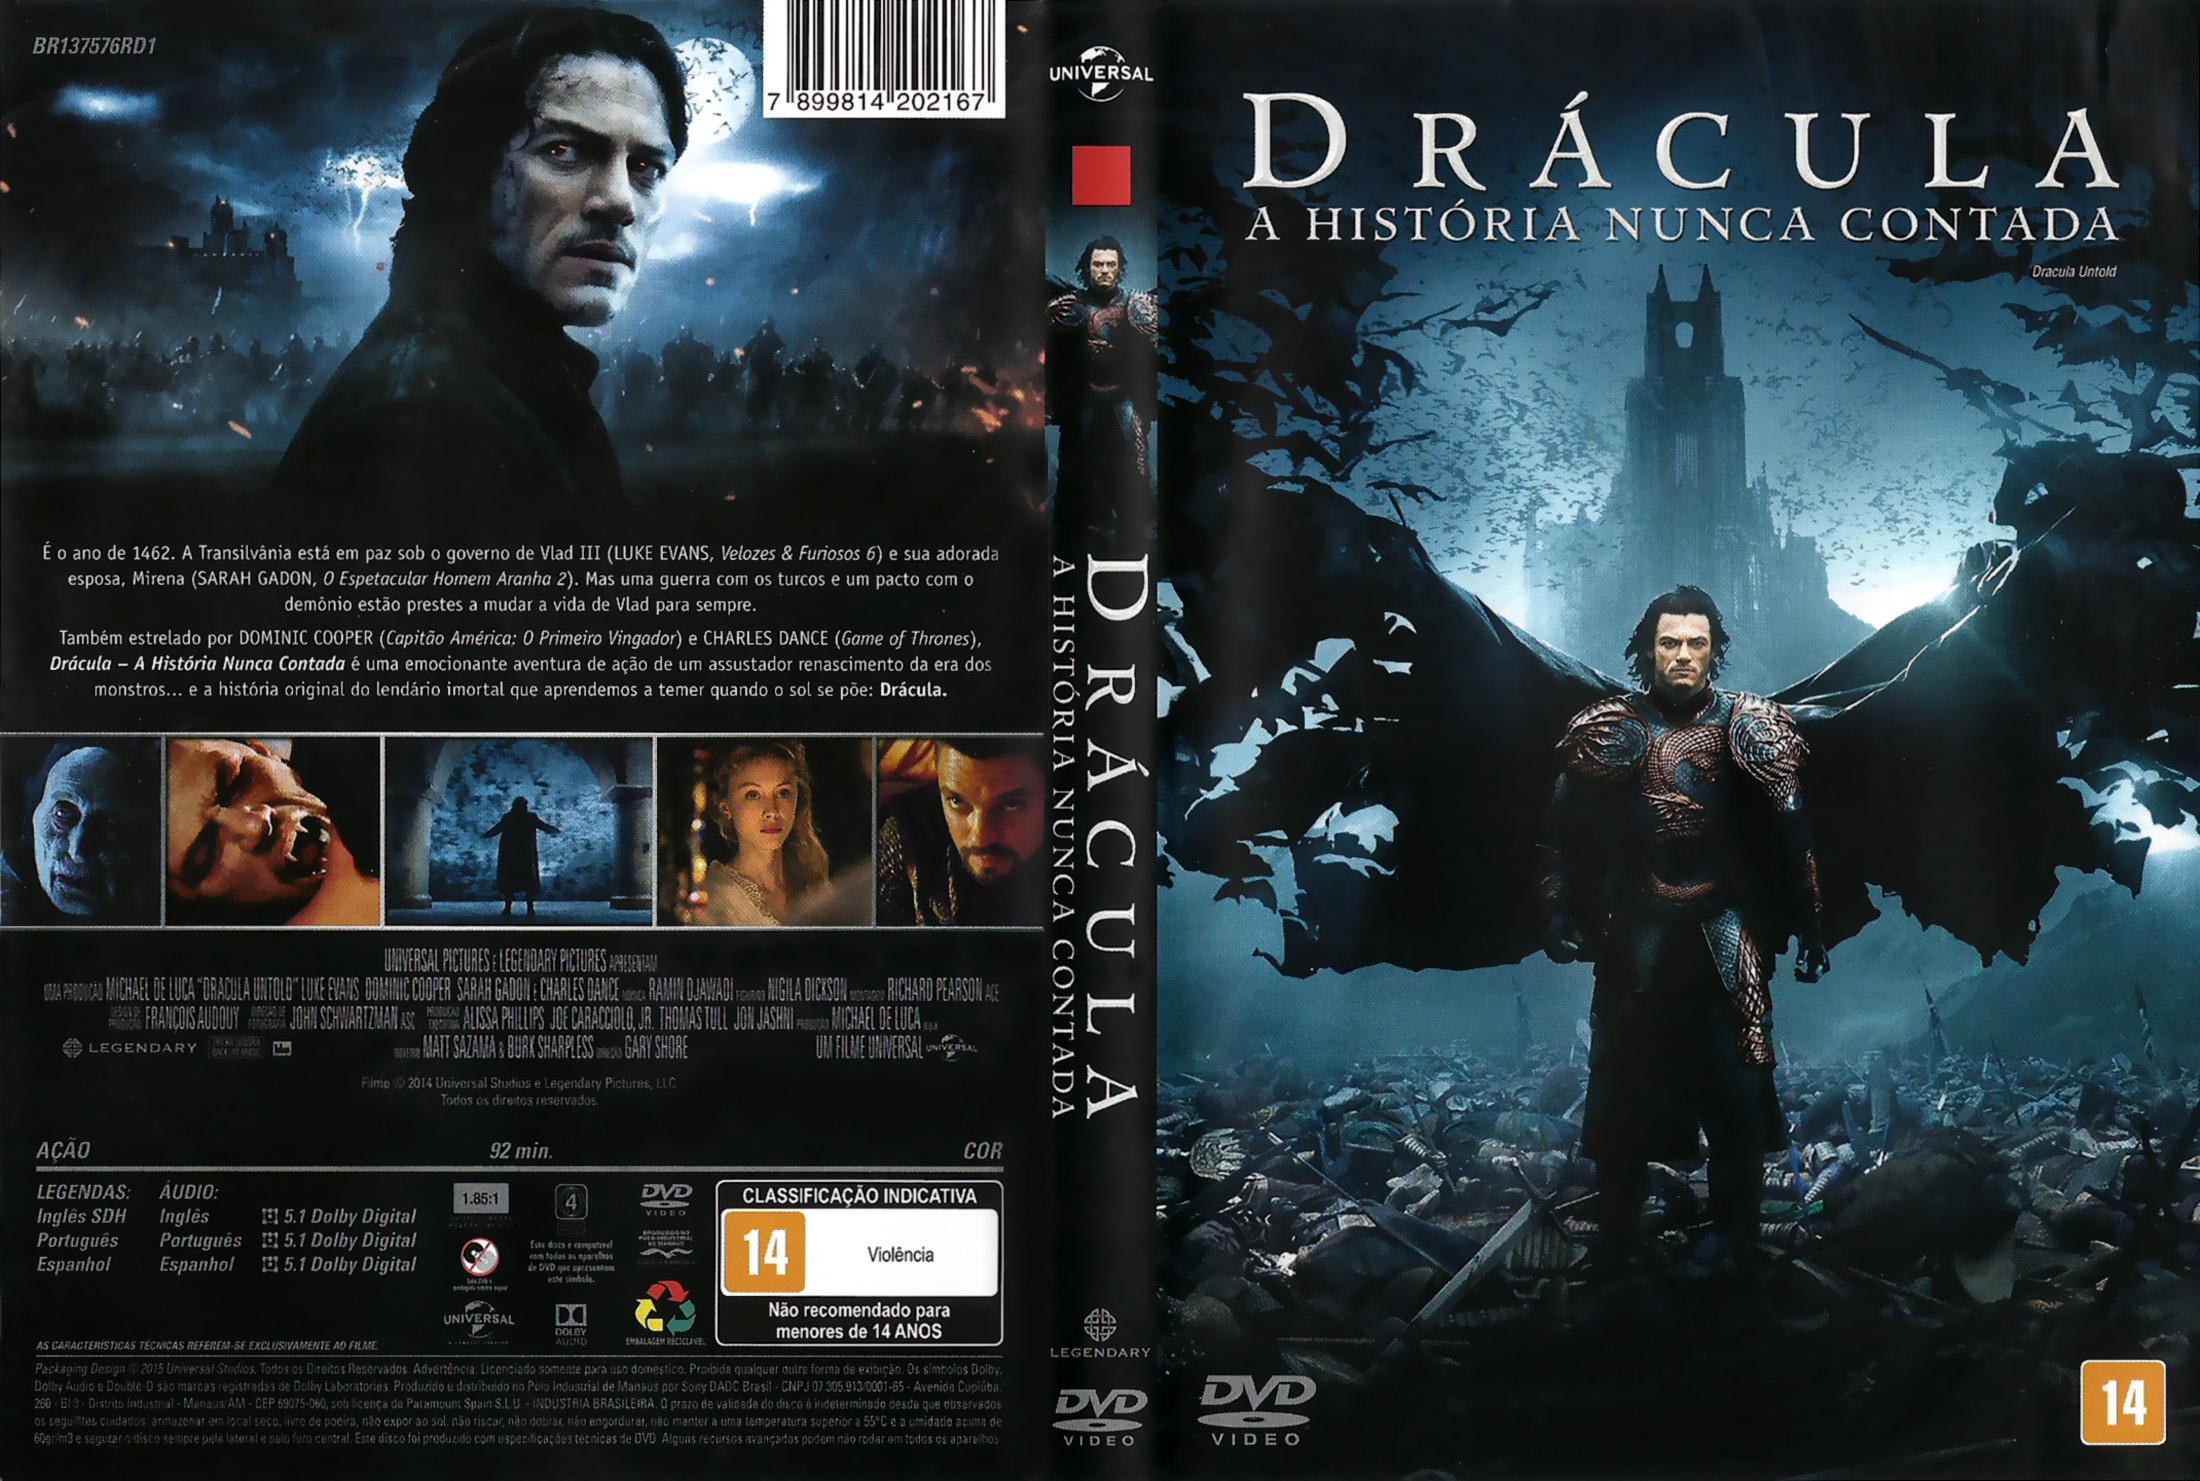 DraculaAHistoriaNuncaContada